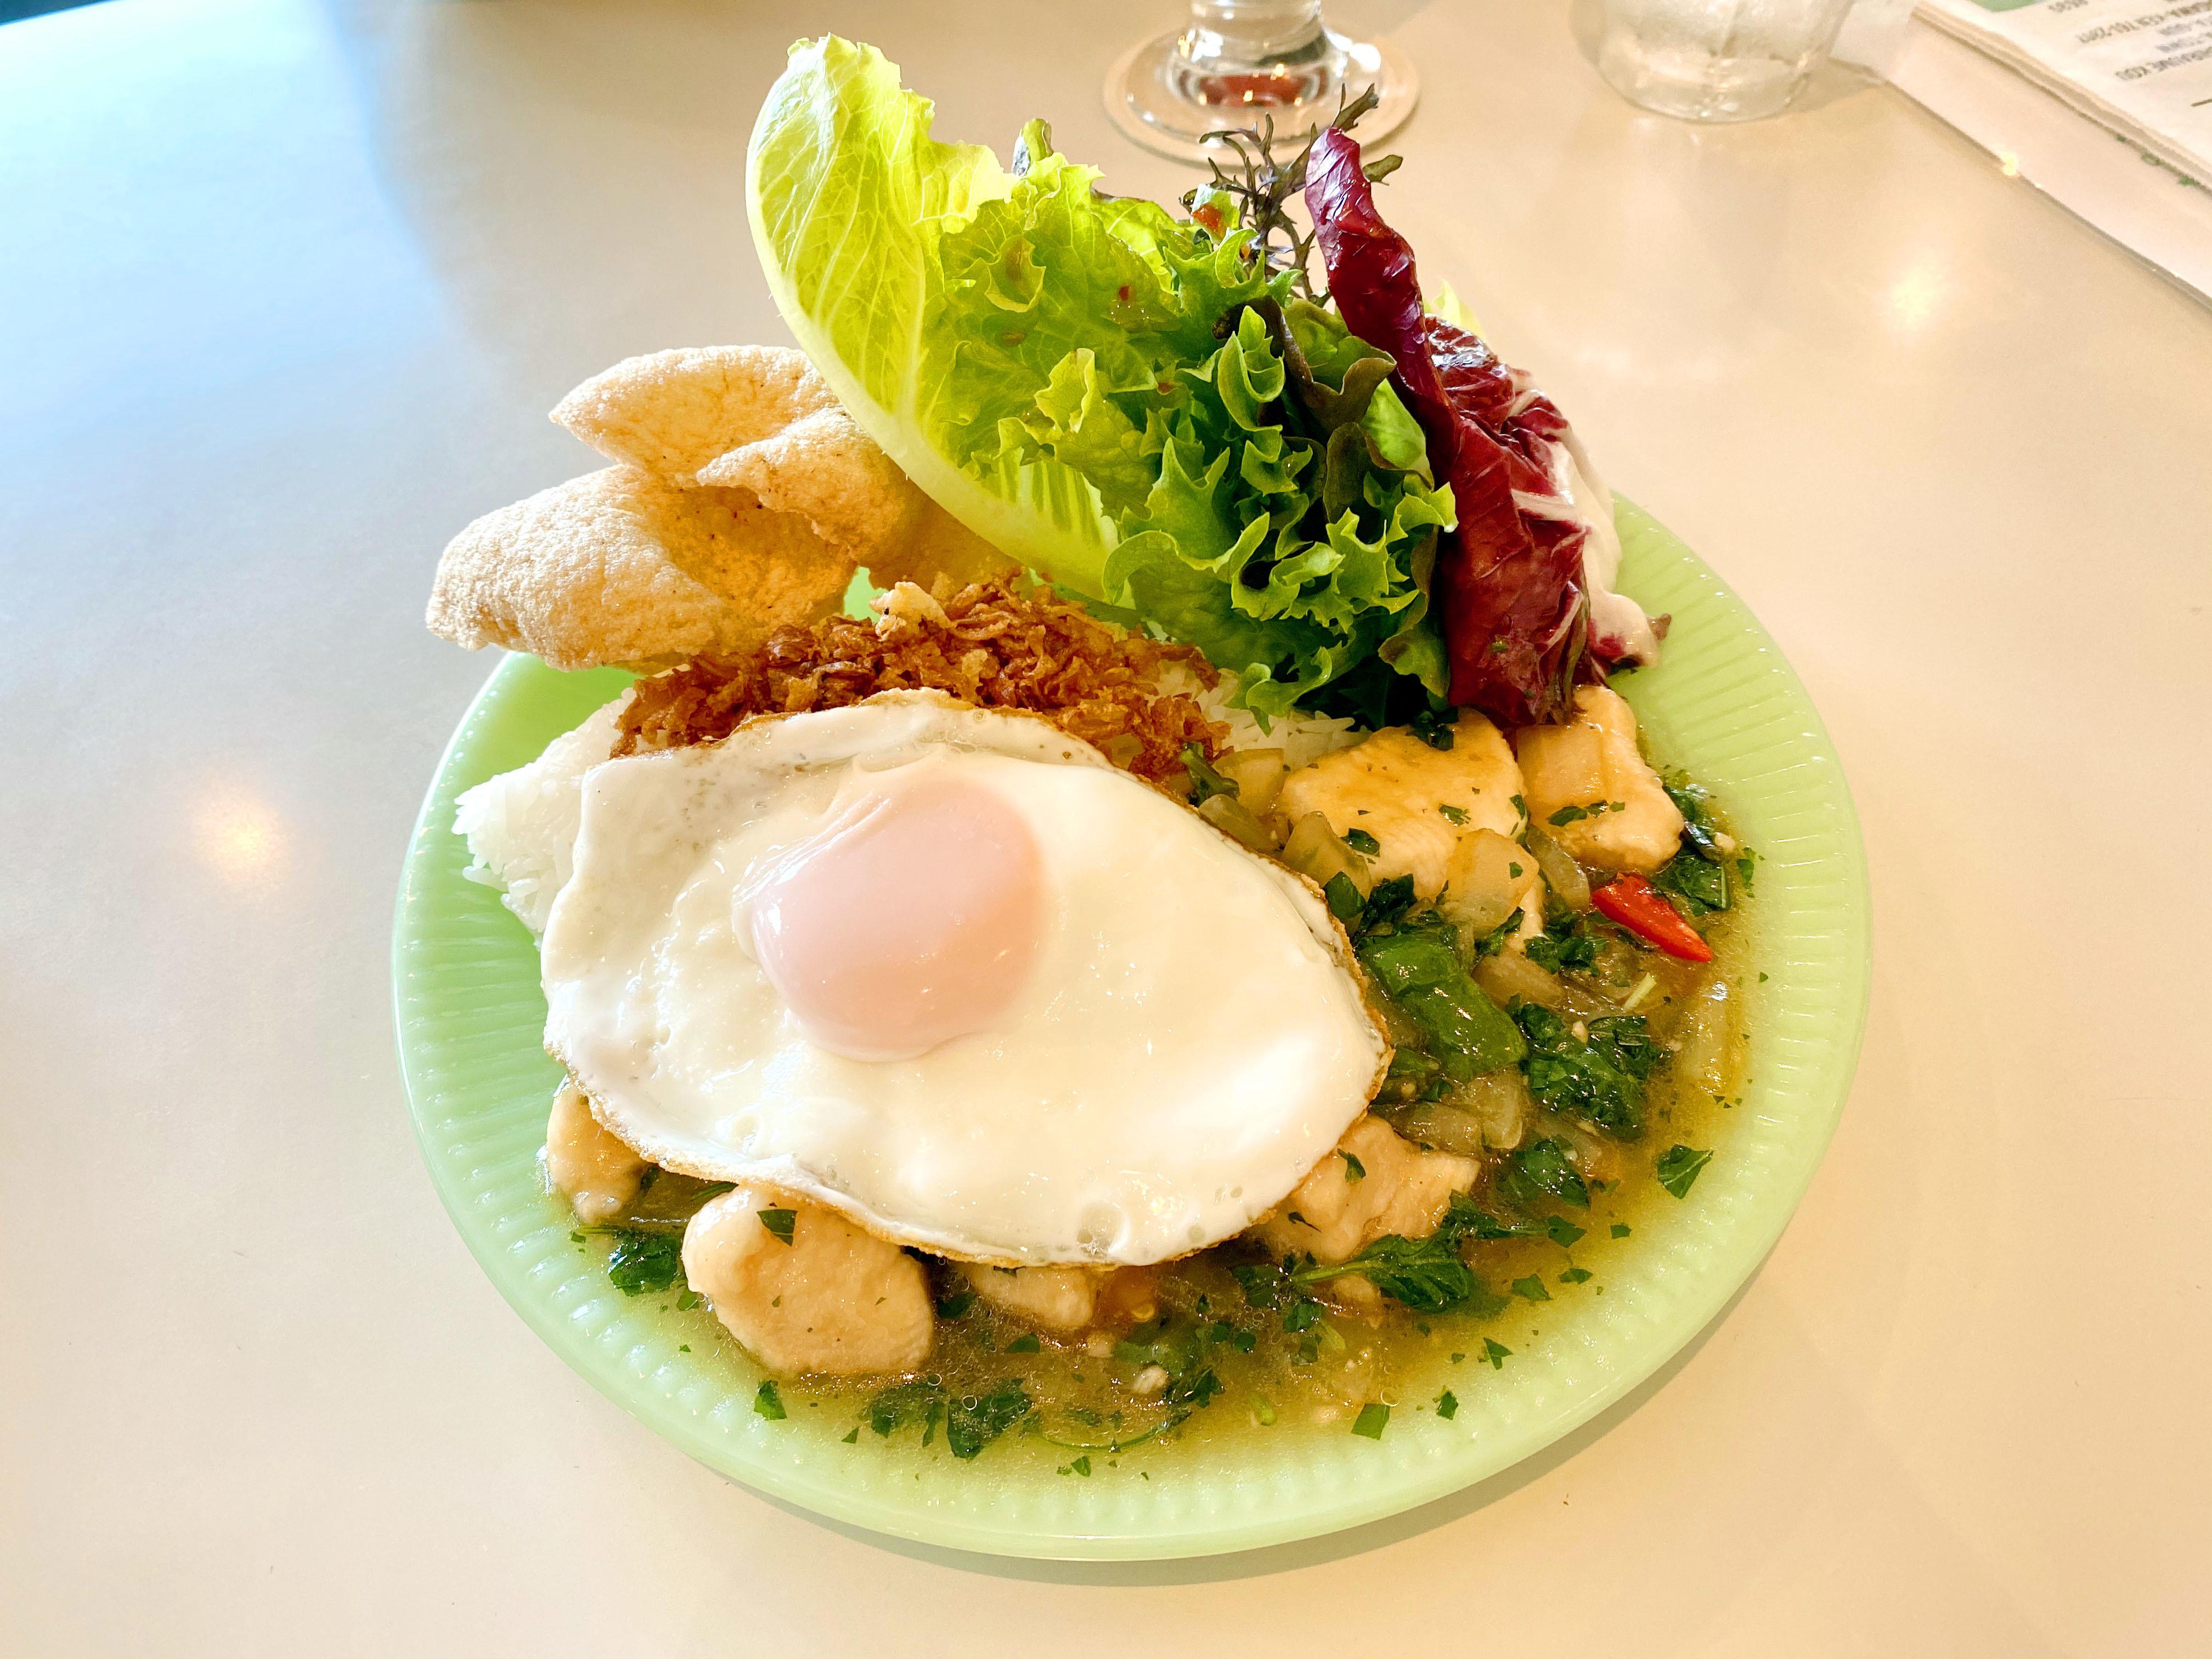 ガパオライス(鶏肉ホラパーバジルオイスター炒め) 900円(税抜)